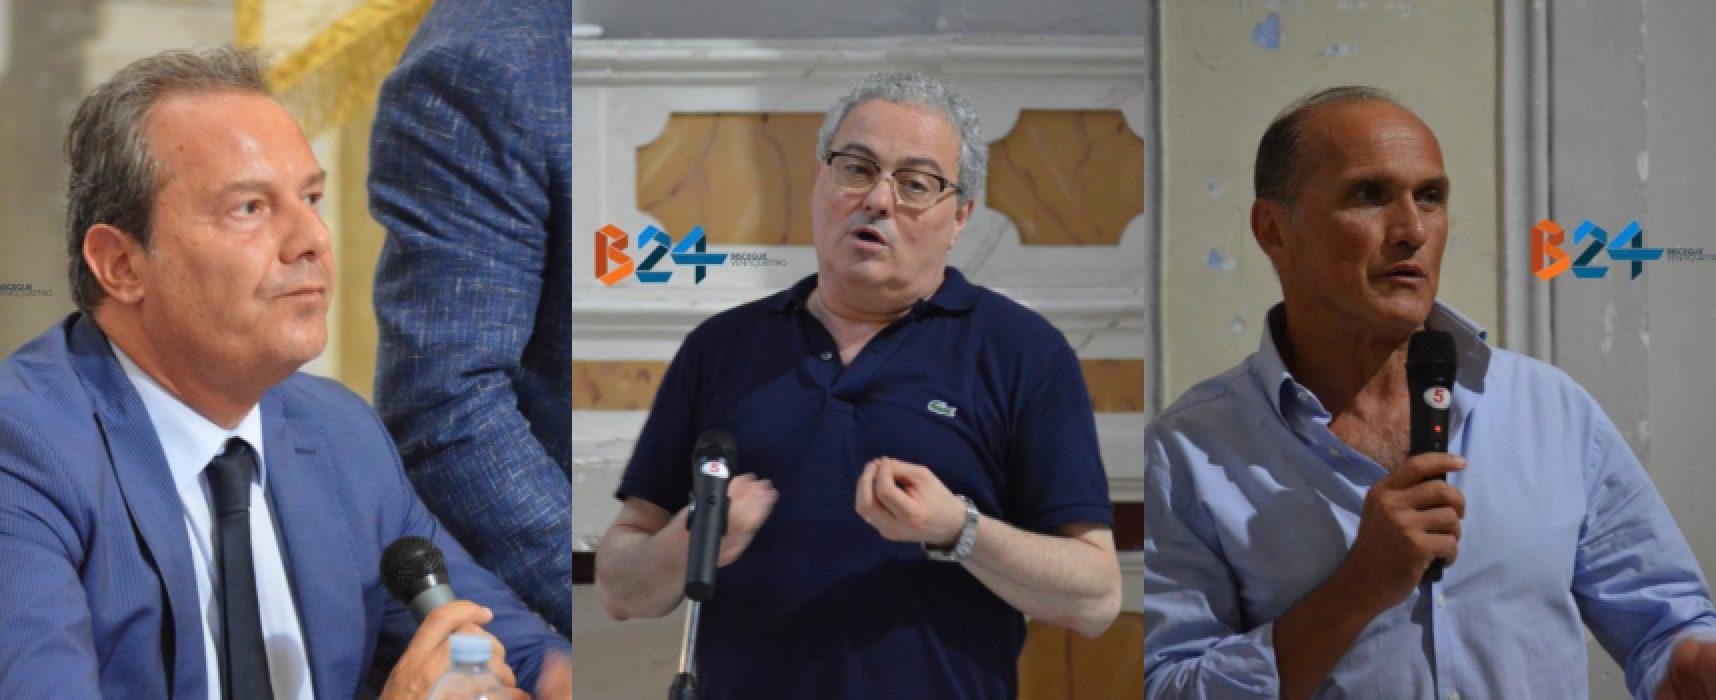 Spina, Napoletano e Amendolagine attaccano duramente l'amministrazione comunale